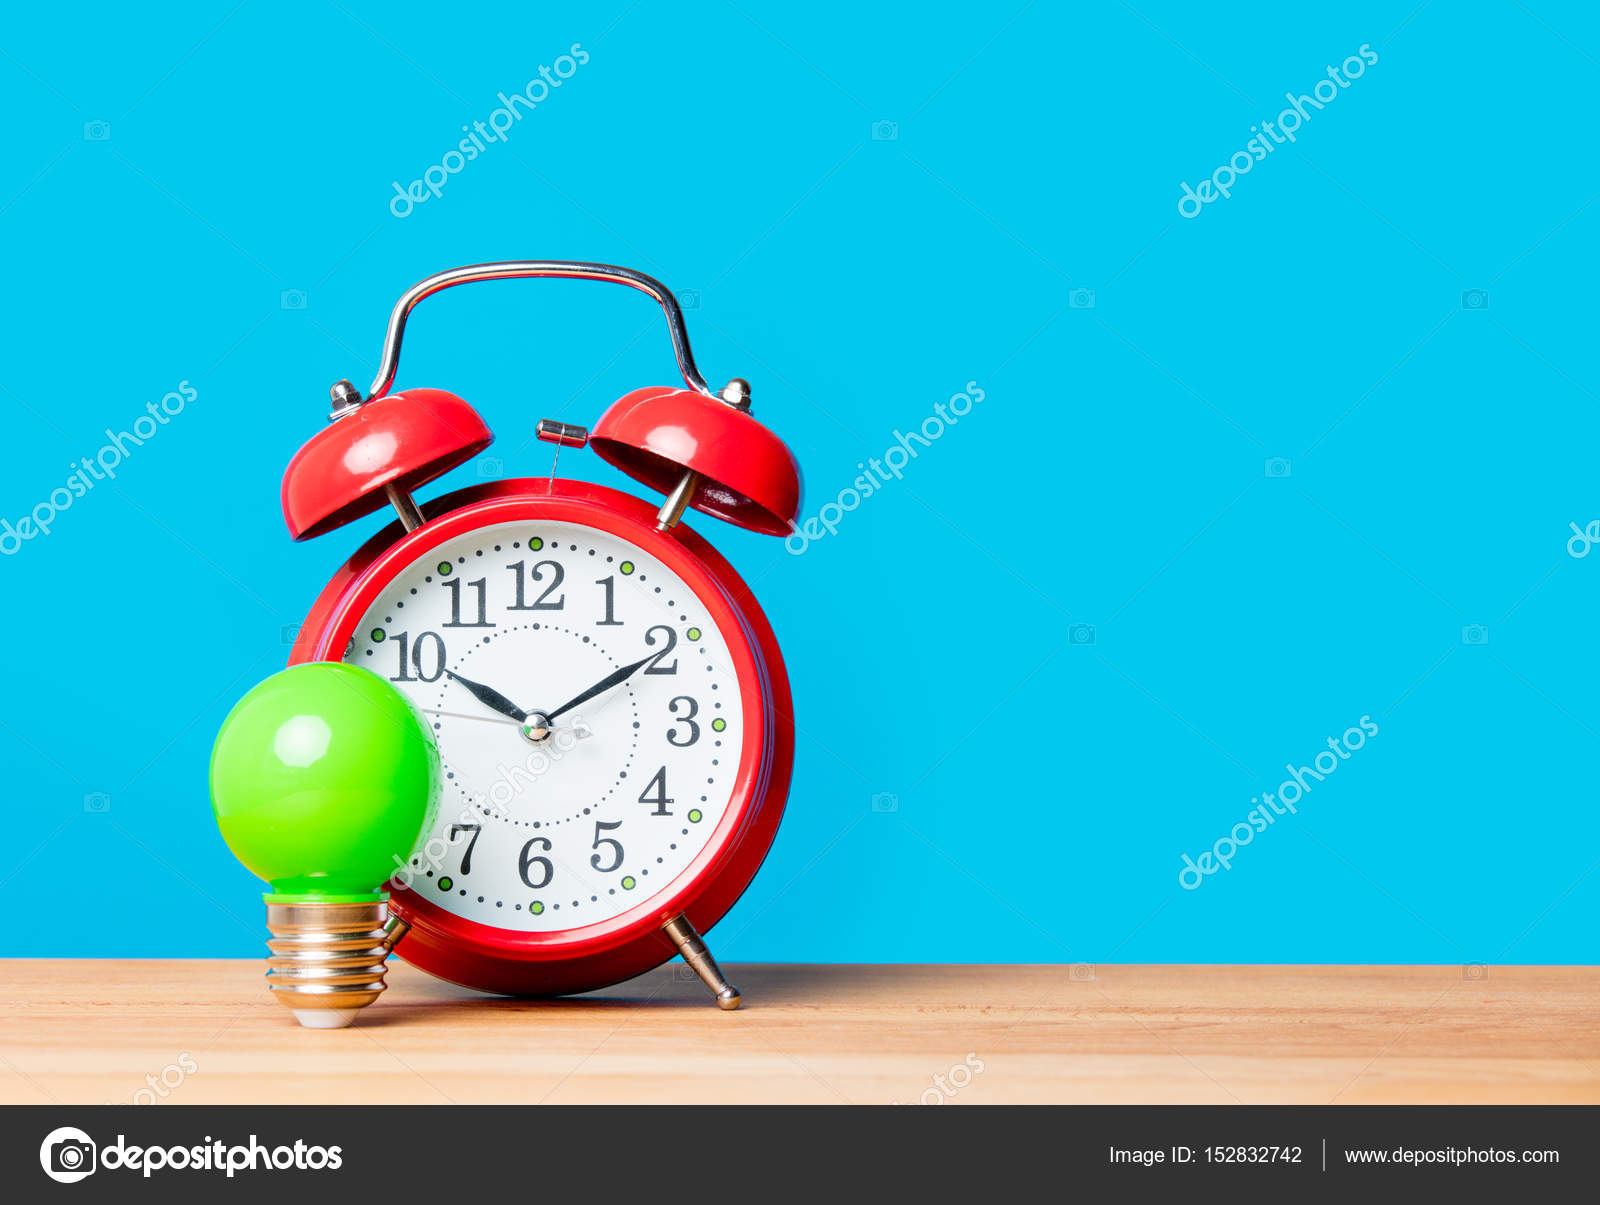 Wekker Met Licht : Gloeilamp en wekker u2014 stockfoto © verasimon #152832742